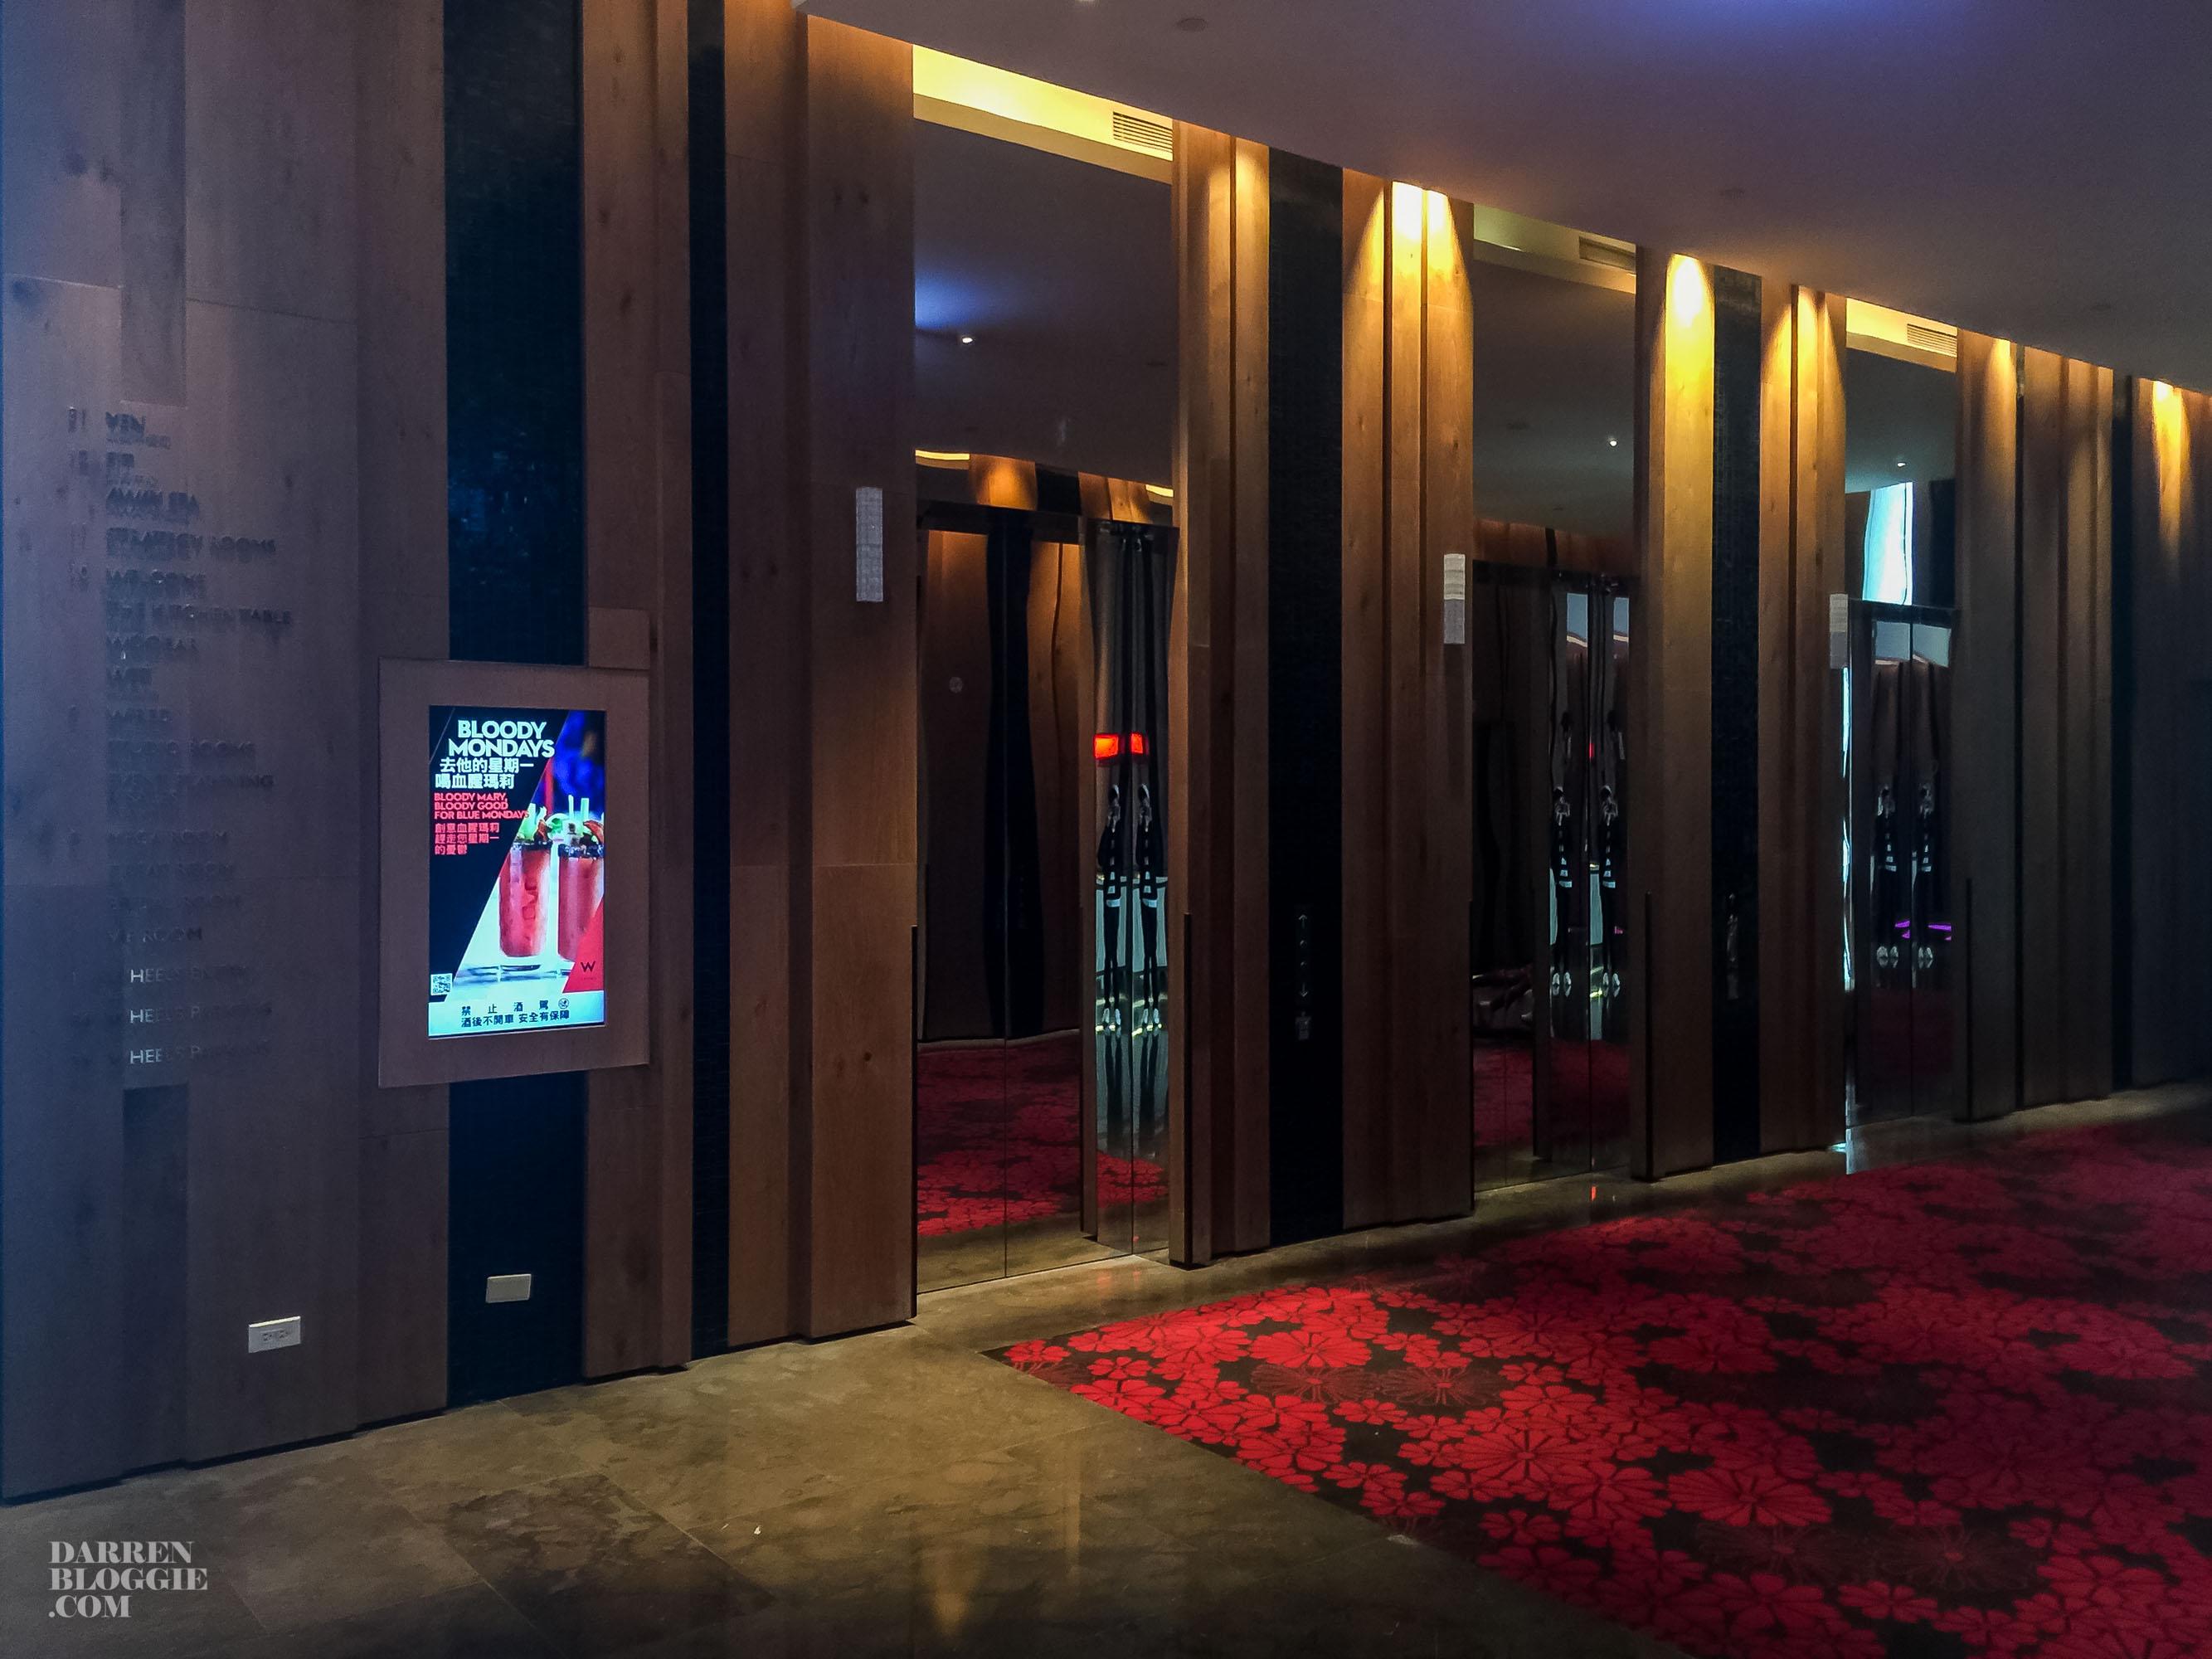 w-hotel-taipei-taiwan-darrenbloggie-2